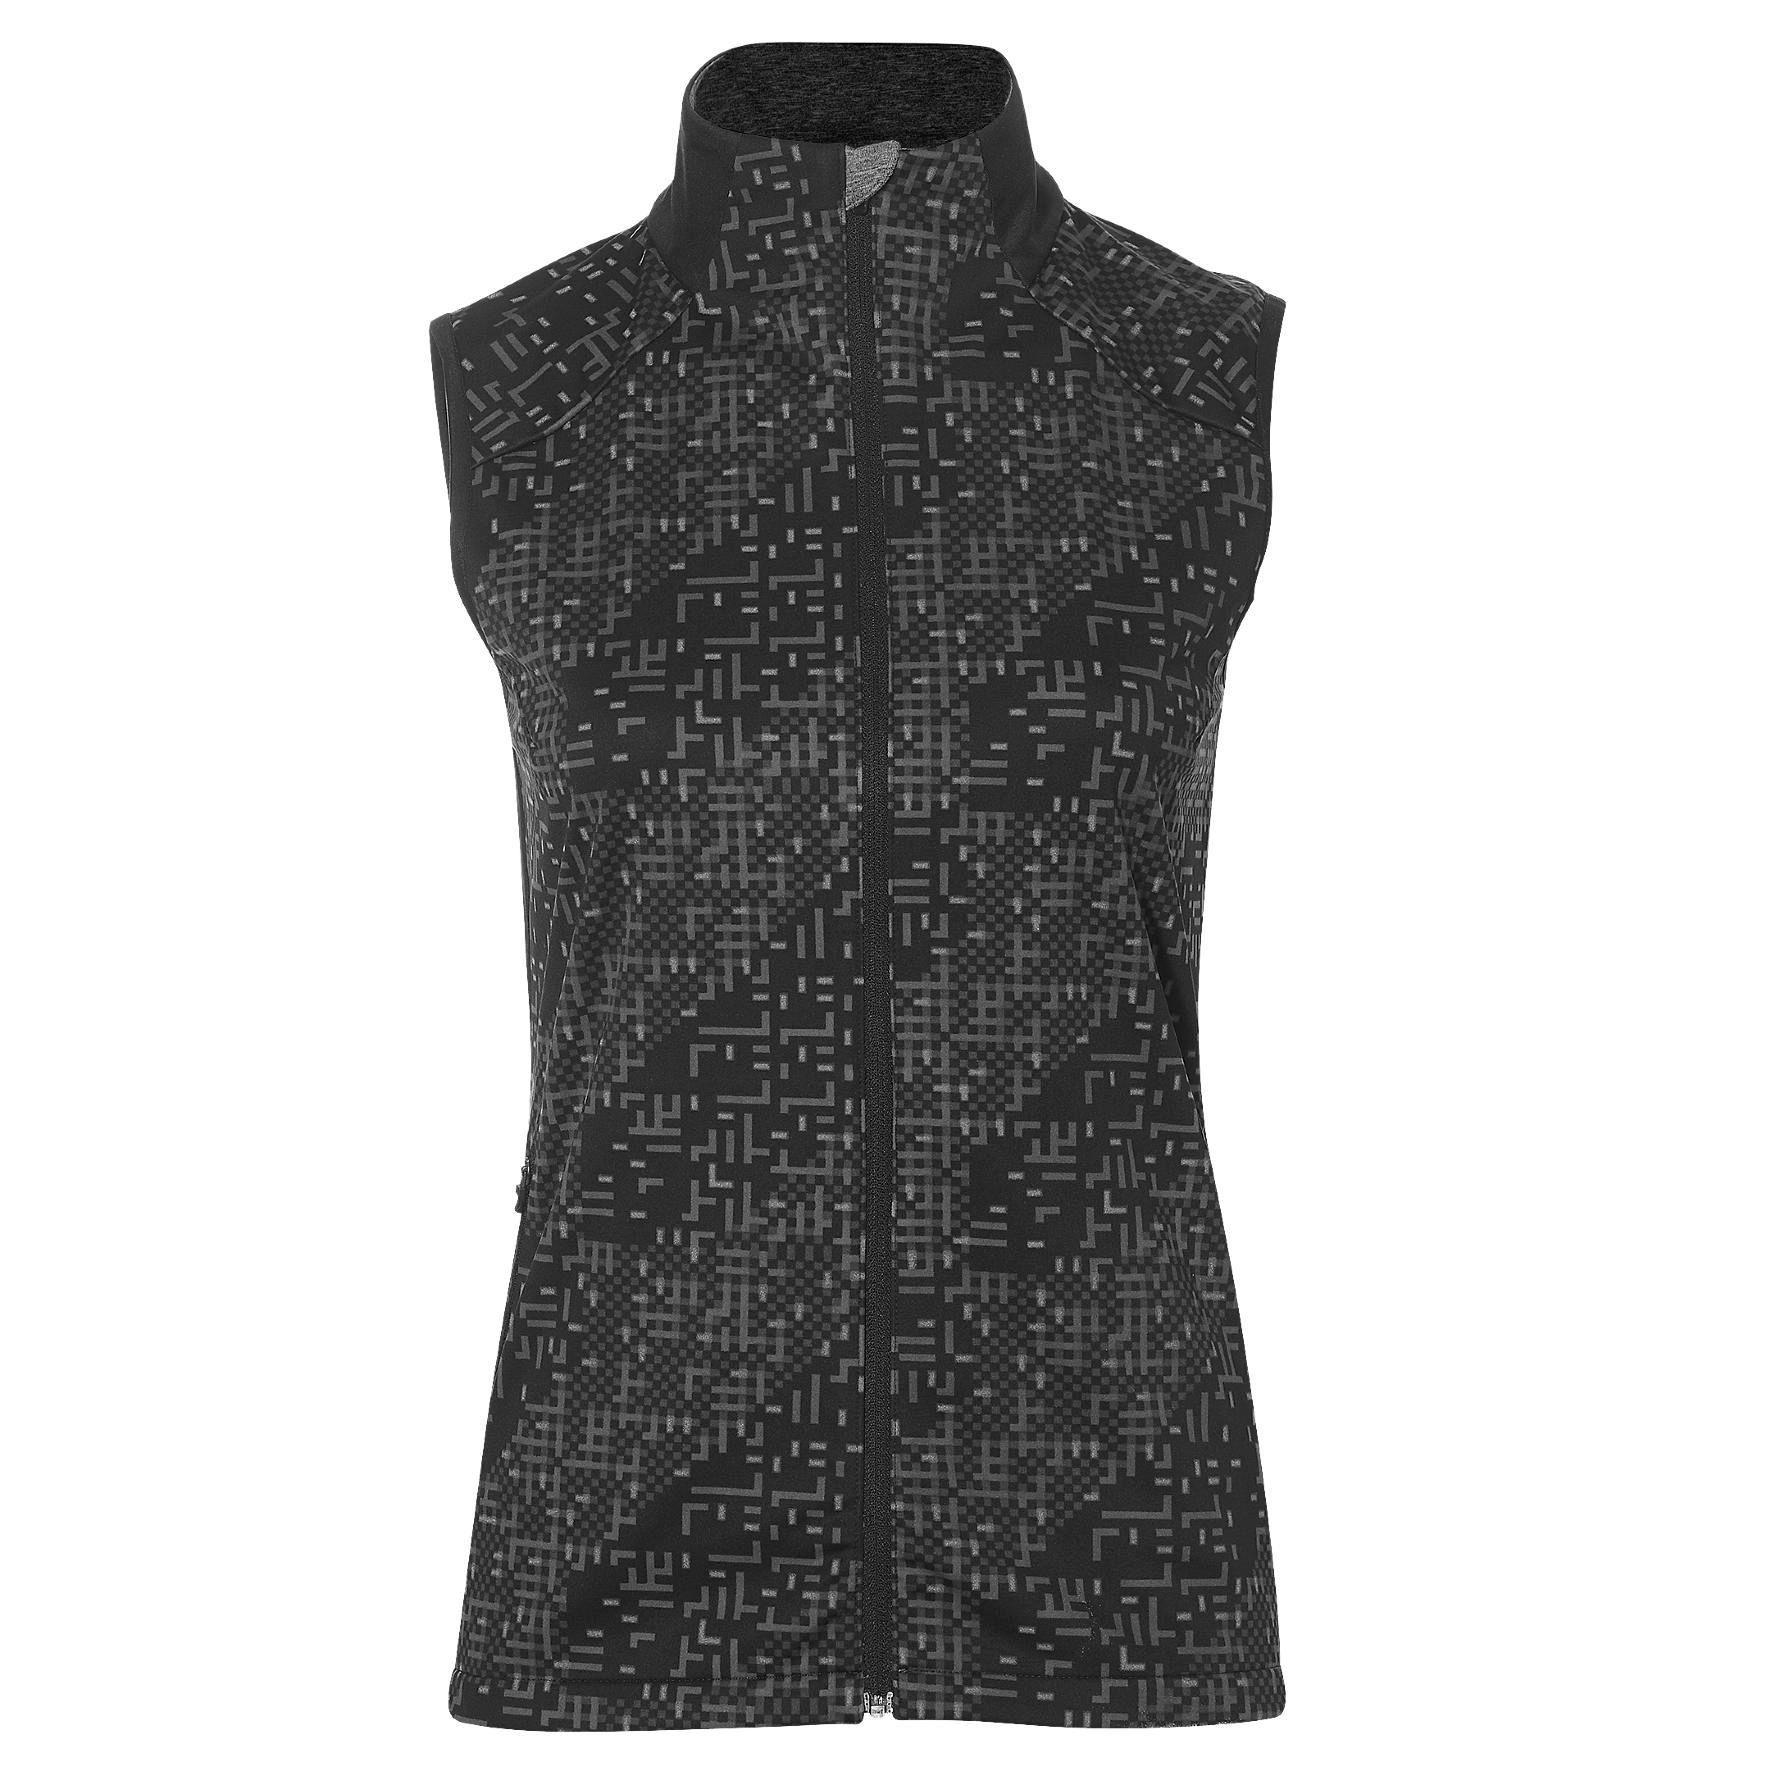 Купить Жилет Беговой Asics 2017-18 Lite-Show Vest Черный, женский, Одежда для бега и фитнеса